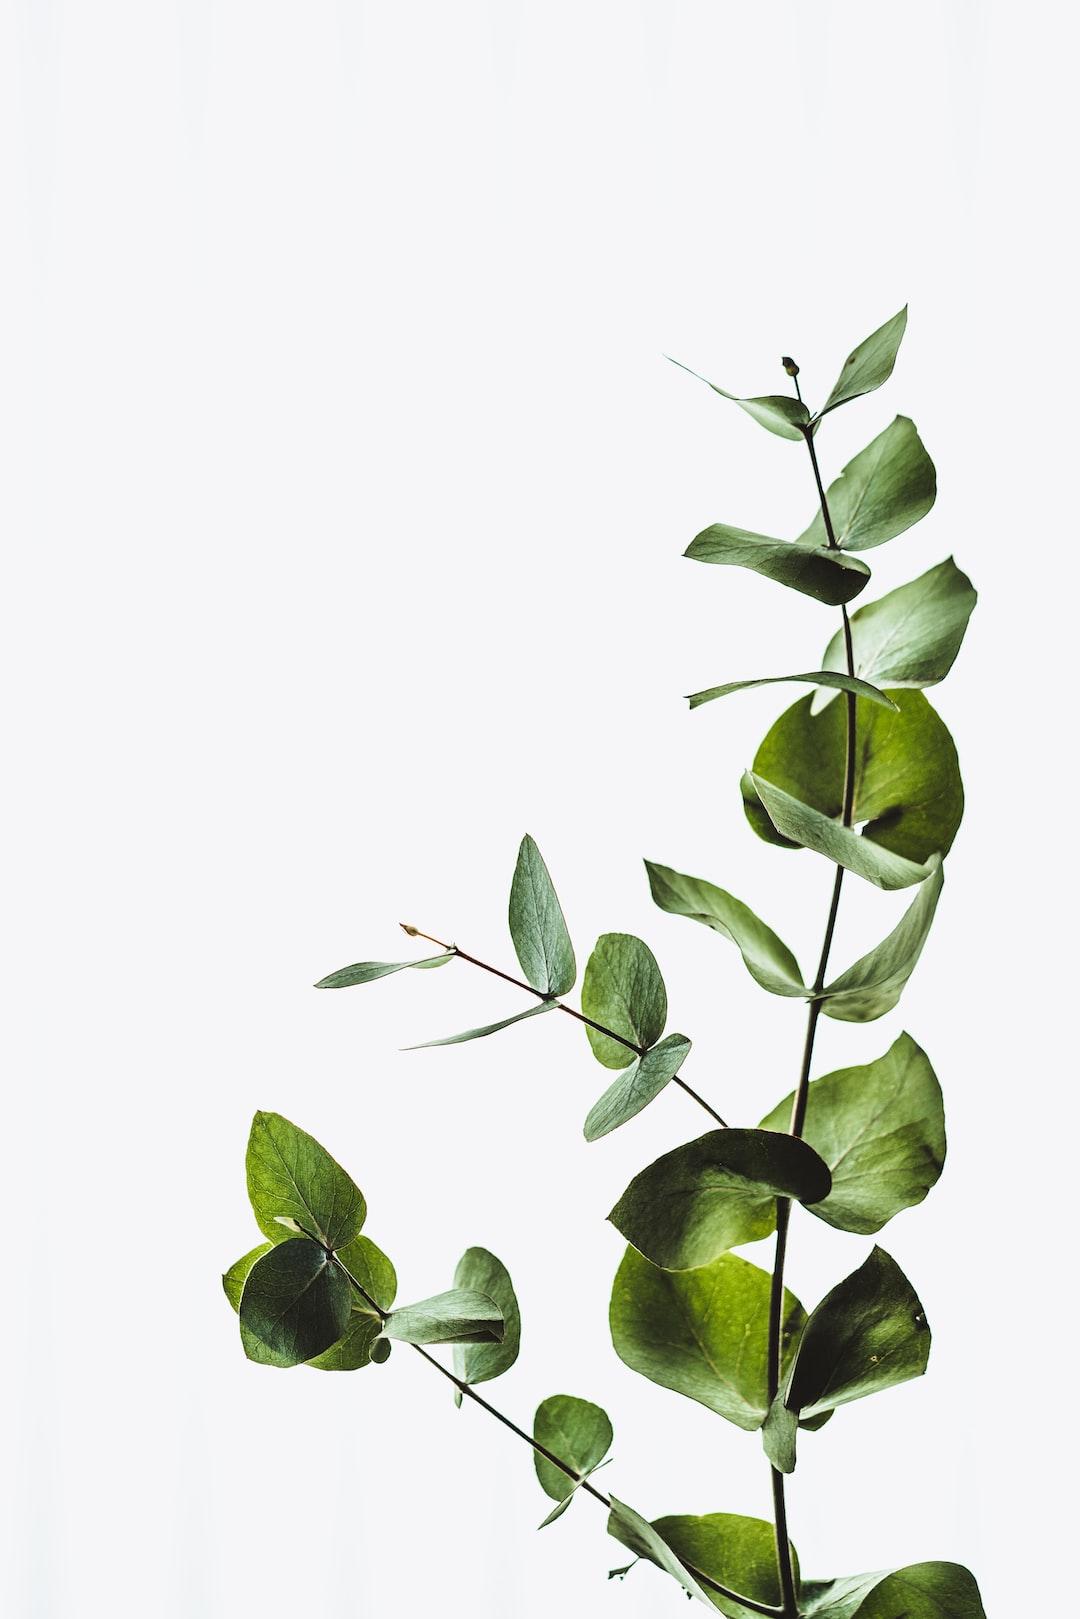 Minimal eucalyptus leaves